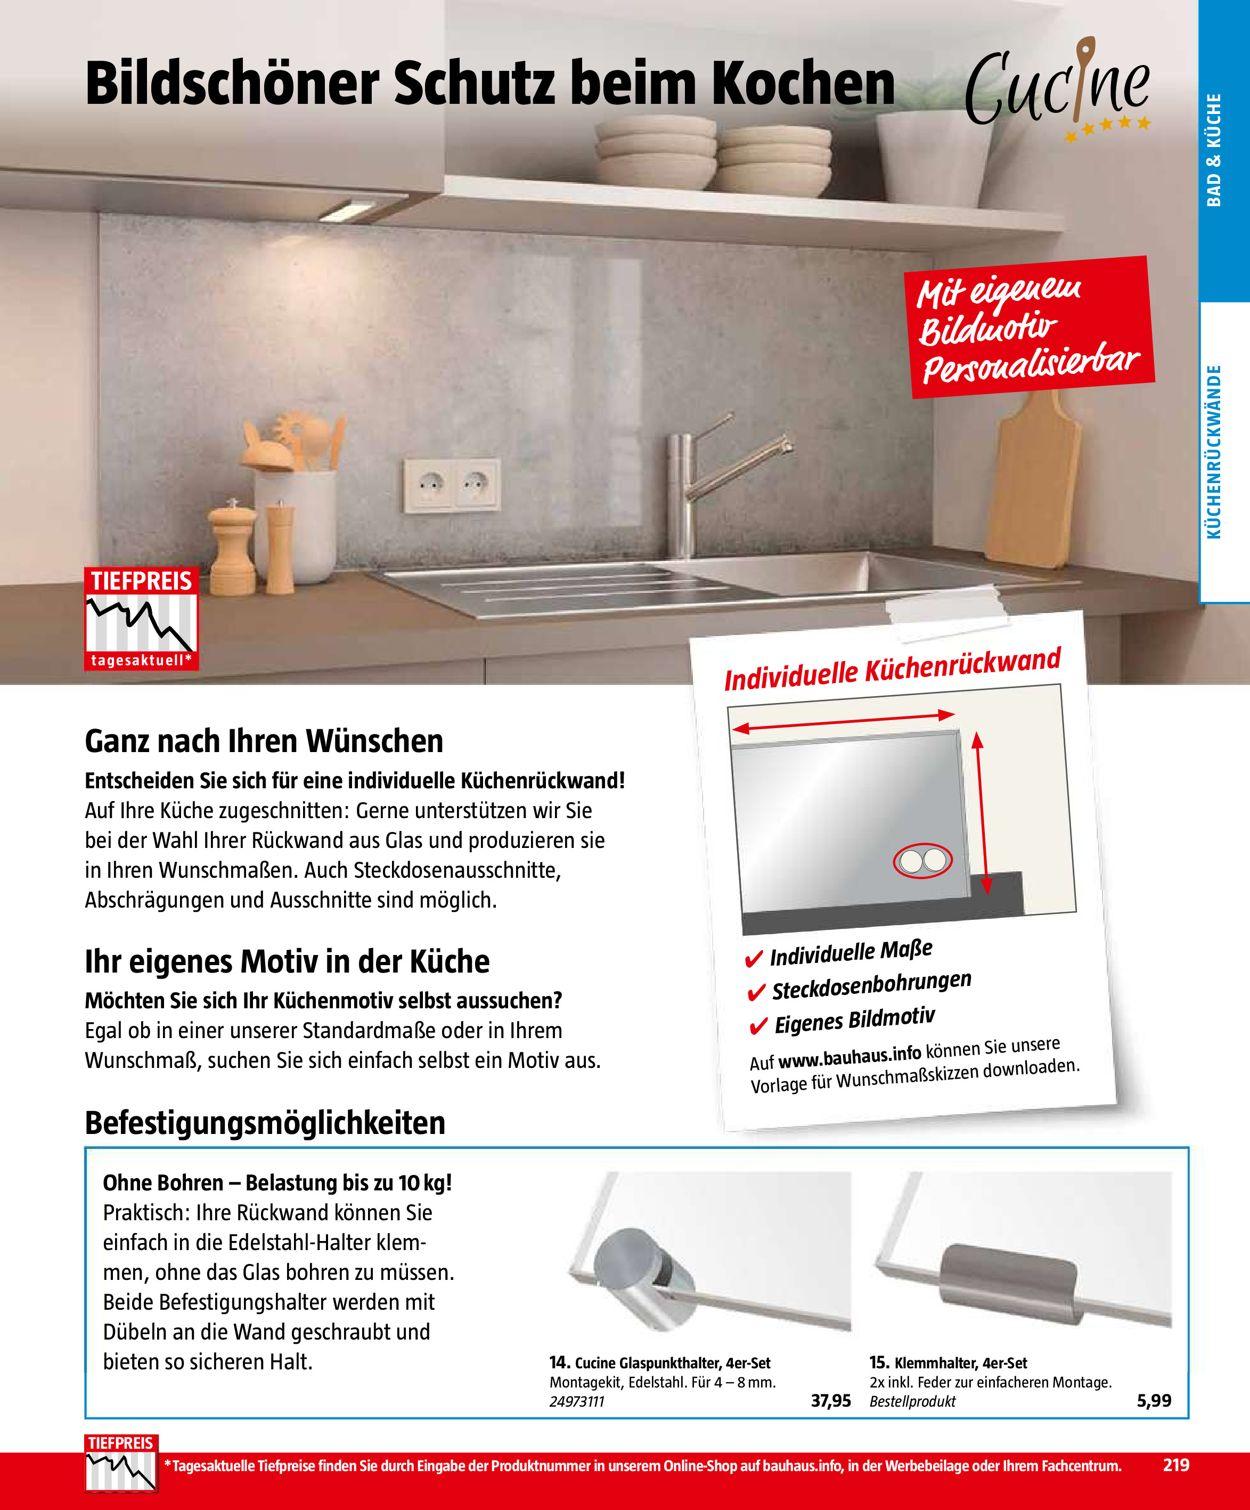 Full Size of Bauhaus Aktueller Prospekt 0410 31012020 219 Jedewoche Poco Bett Küche Betten 140x200 Schlafzimmer Komplett Big Sofa Wohnzimmer Küchenrückwand Poco